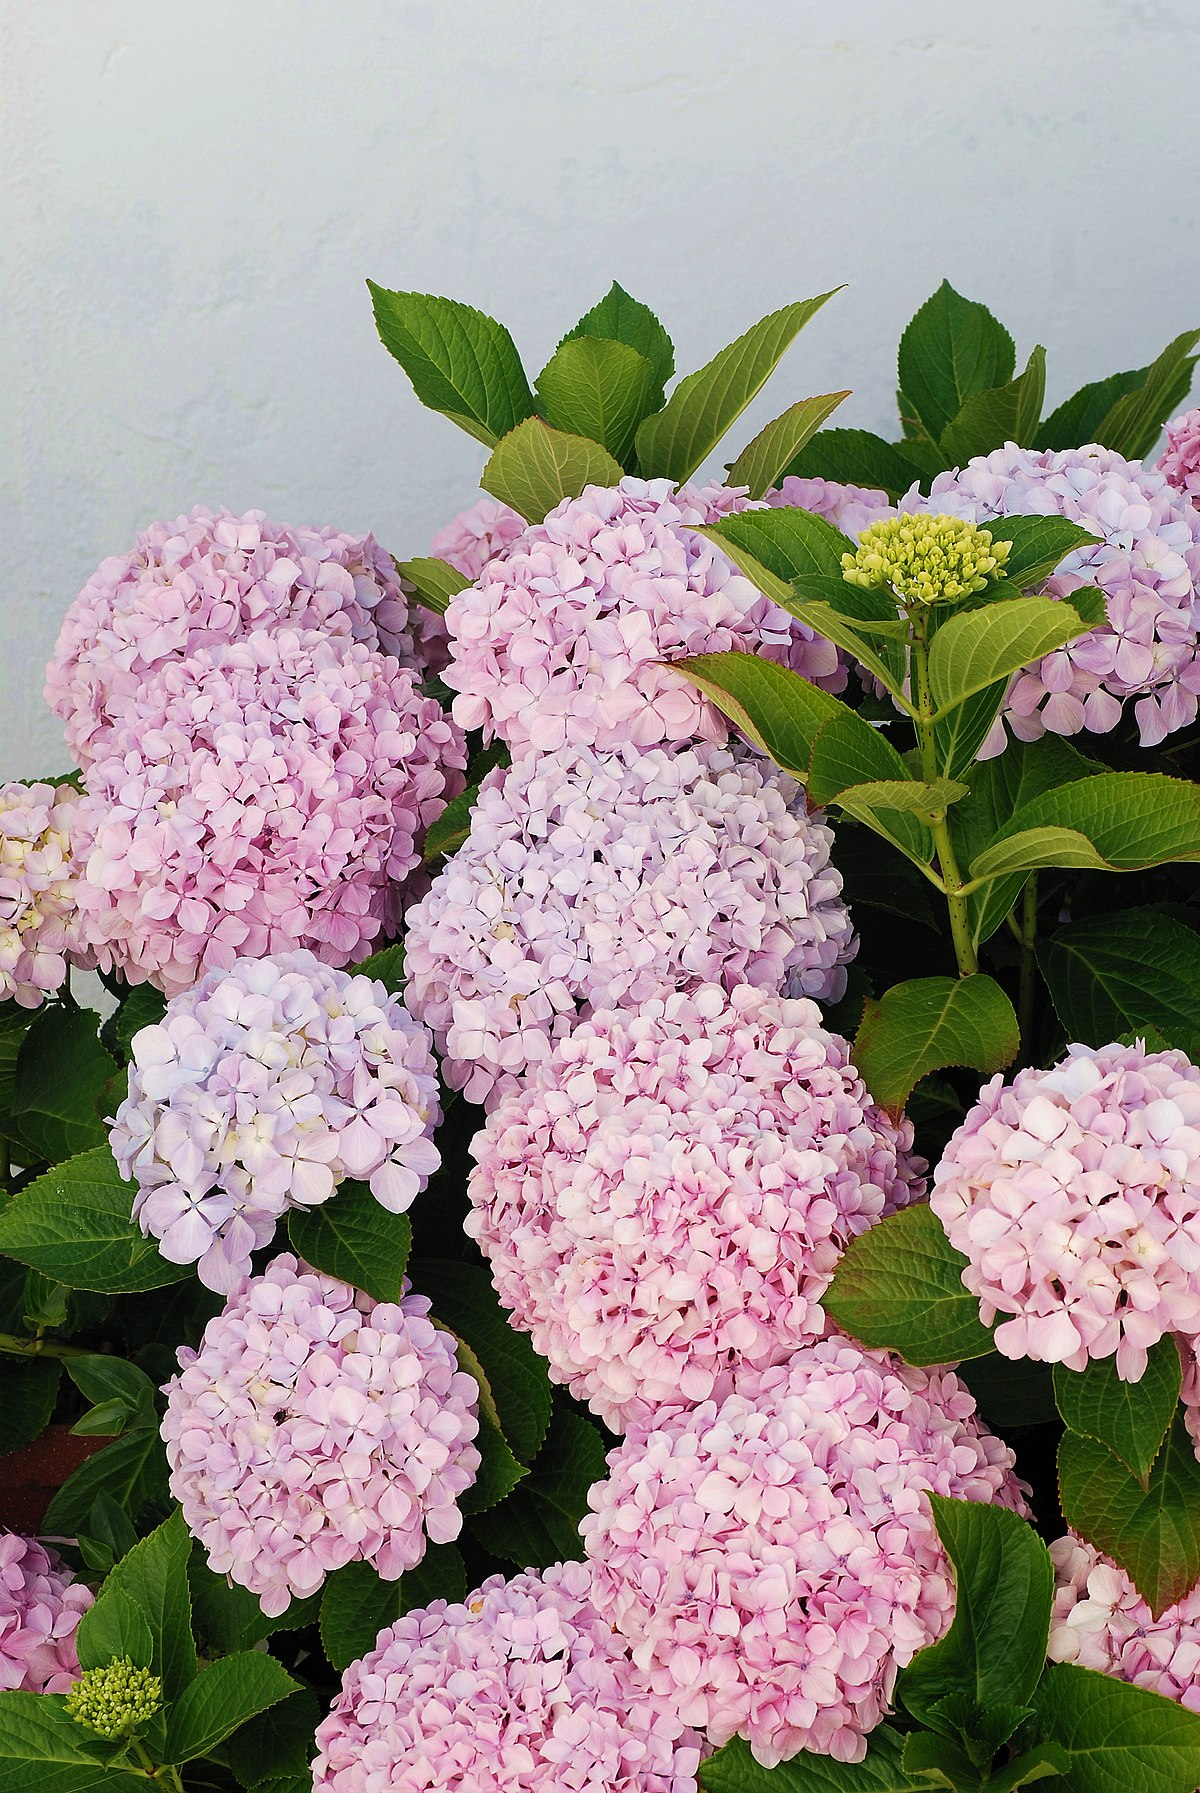 Hydrangea macrophylla wikip dia a enciclop dia livre - Cuidados de las hortensias ...